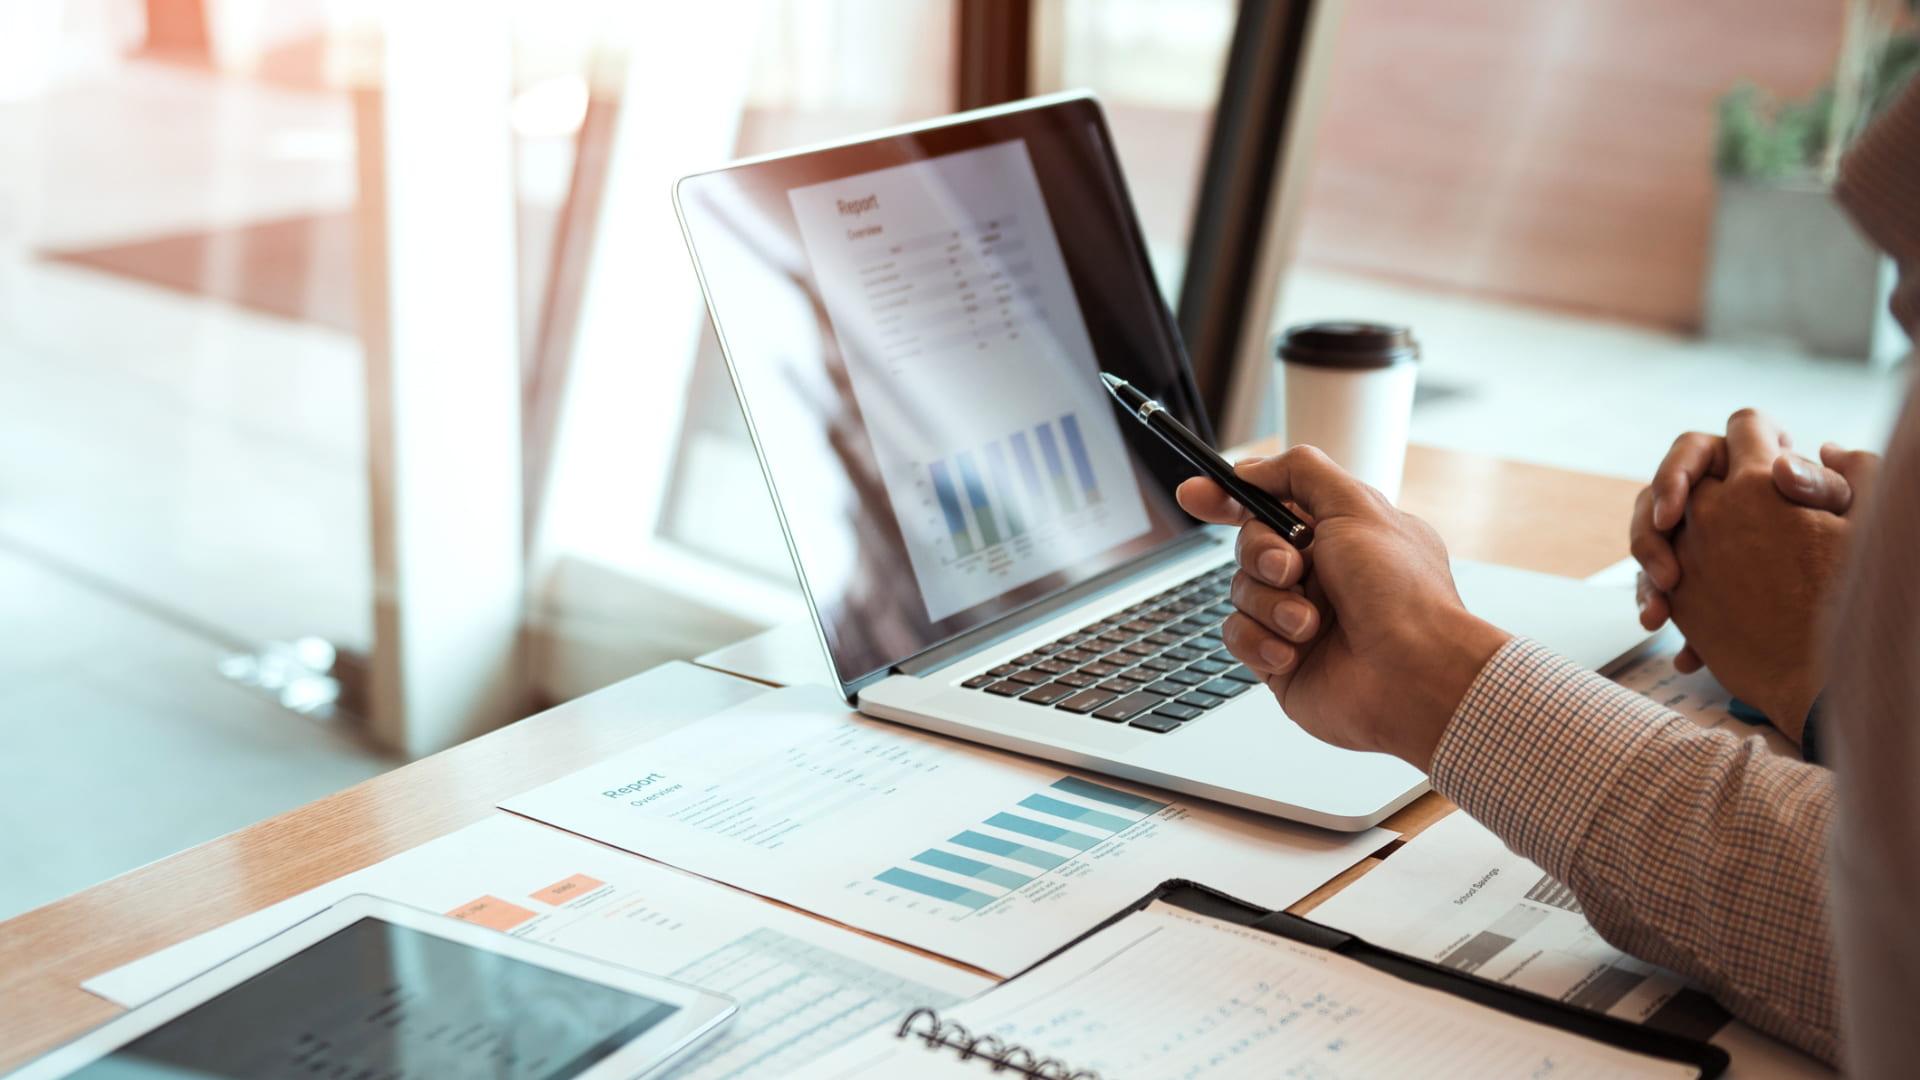 L'analisi dei rischi per prevenire la crisi d'impresa